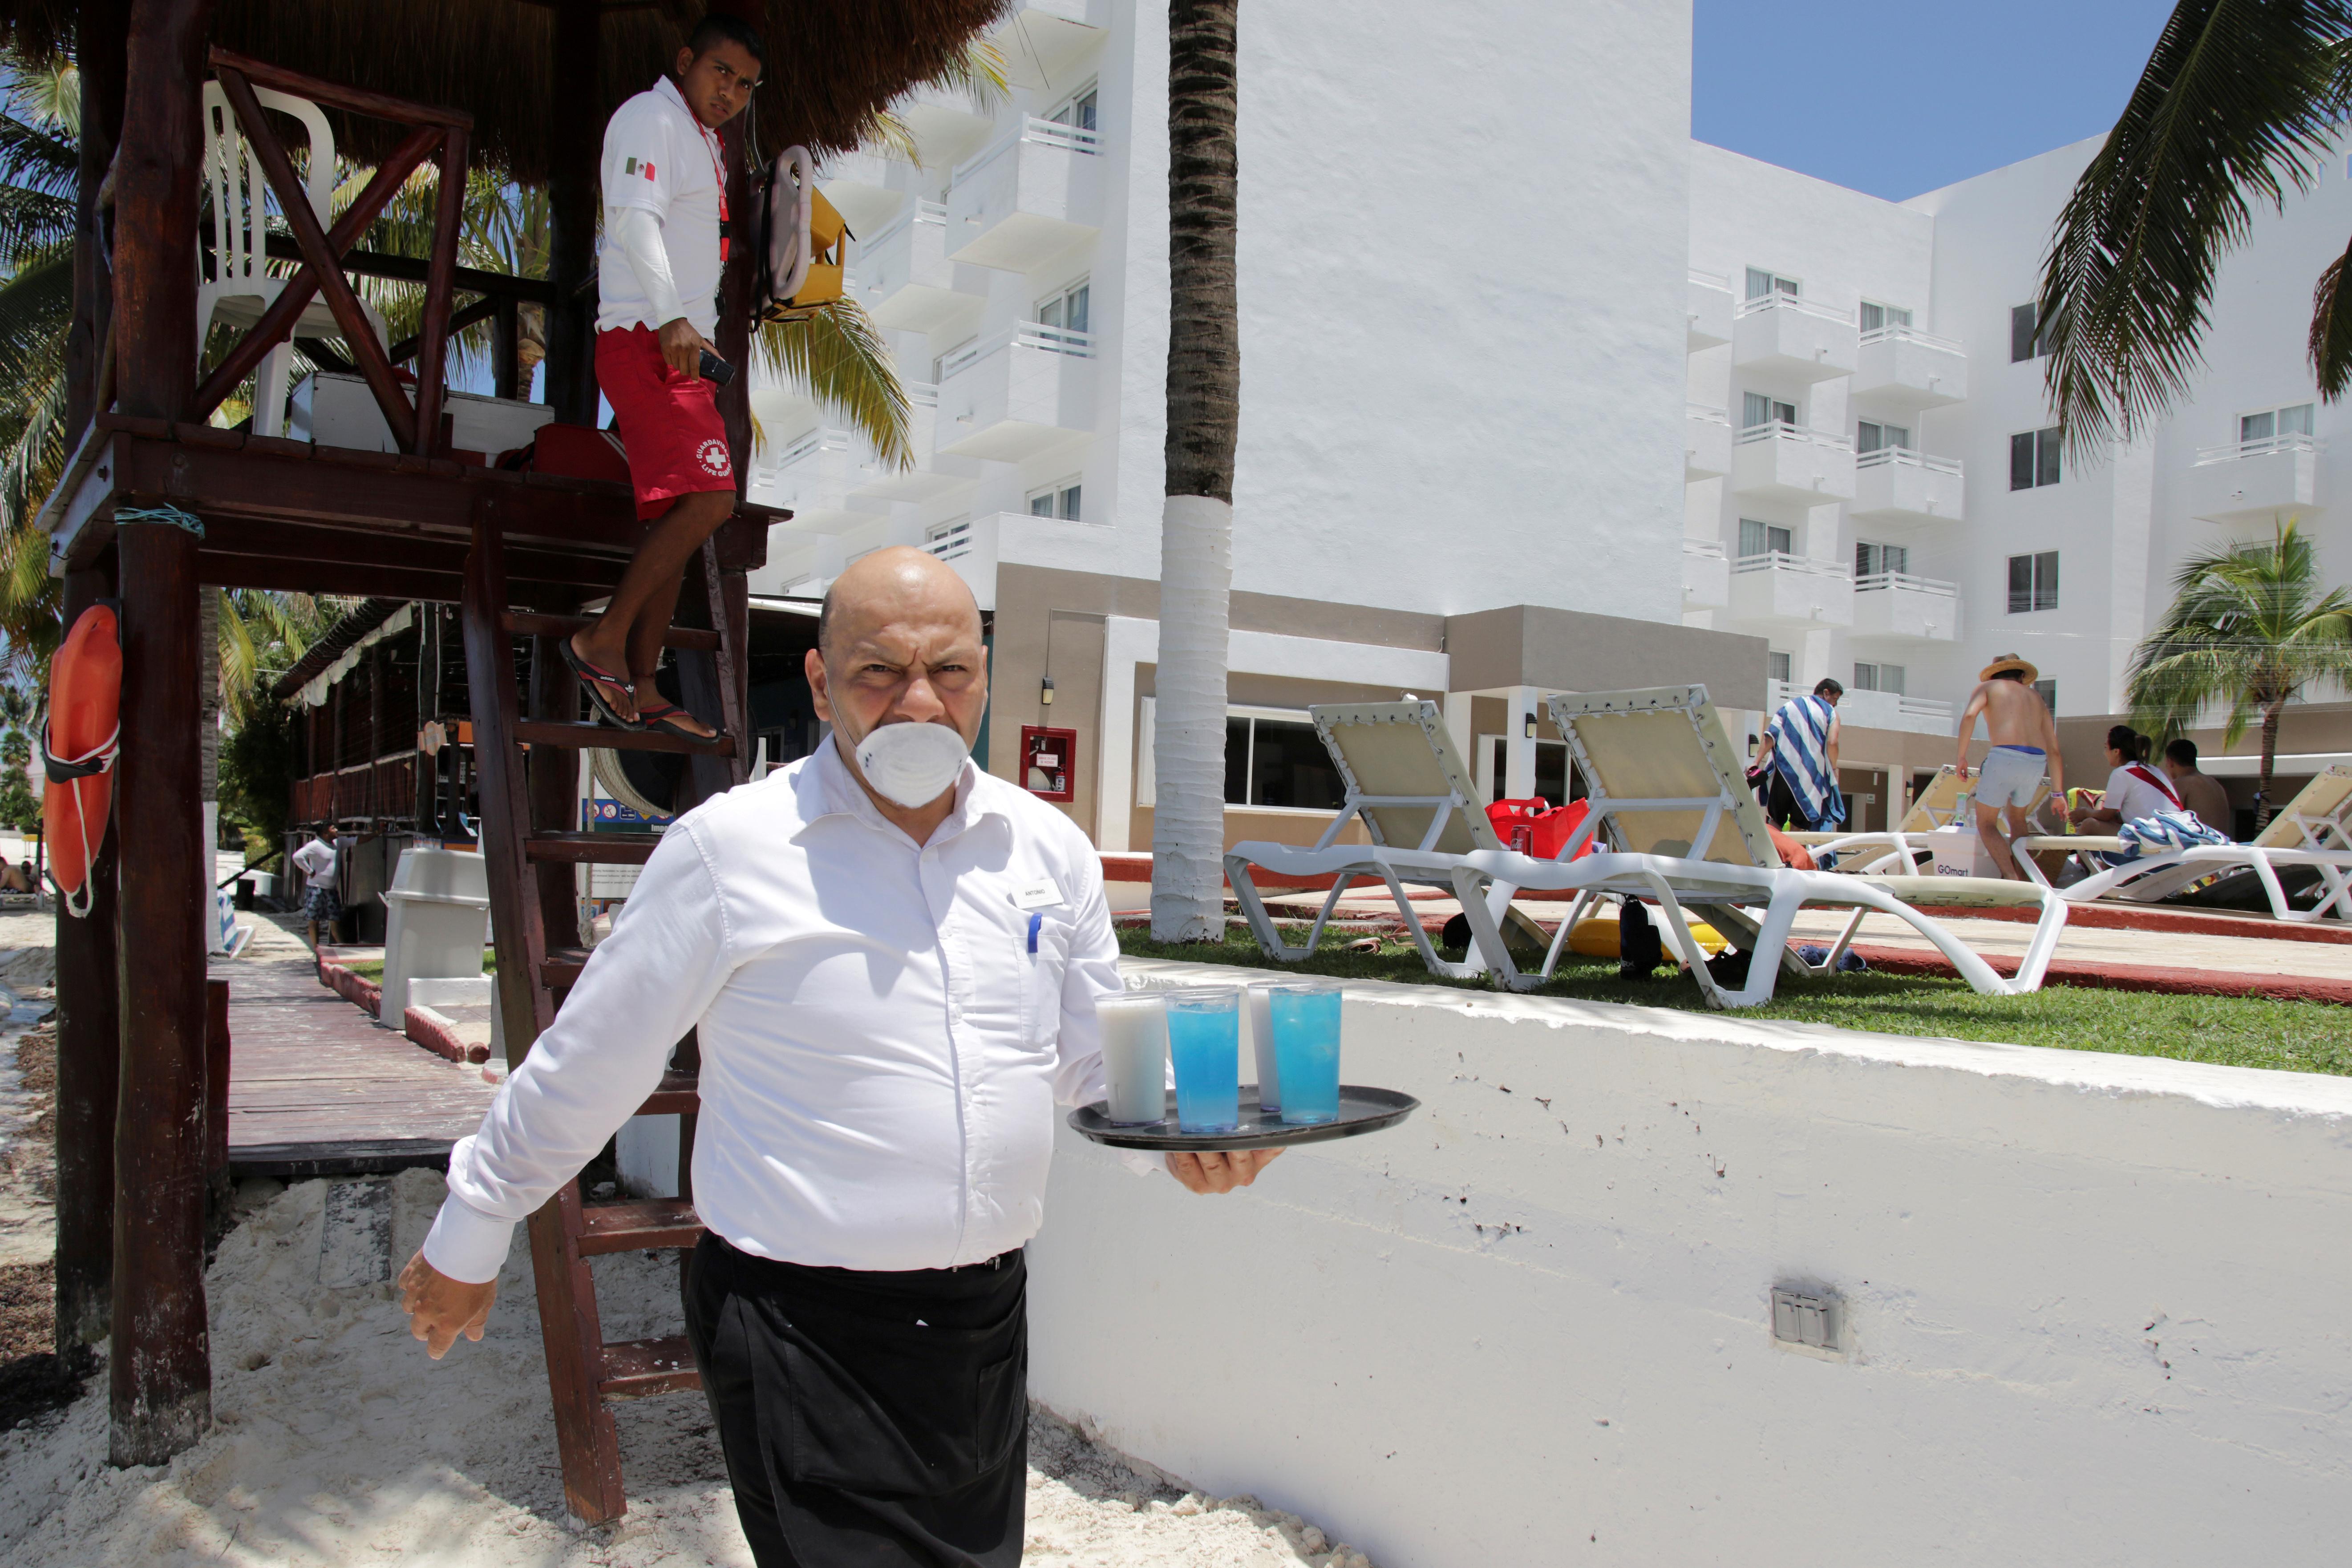 Un camarero usa una máscara protectora en un hotel después de que las autoridades locales impusieron estrictas medidas sanitarias para reabrir gradualmente a pesar de la pandemia de la enfermedad por coronavirus (COVID-19), en Cancún, México, 10 de junio de 2020. Fotografía tomada el 10 de junio de 2020. Foto: Reuters.